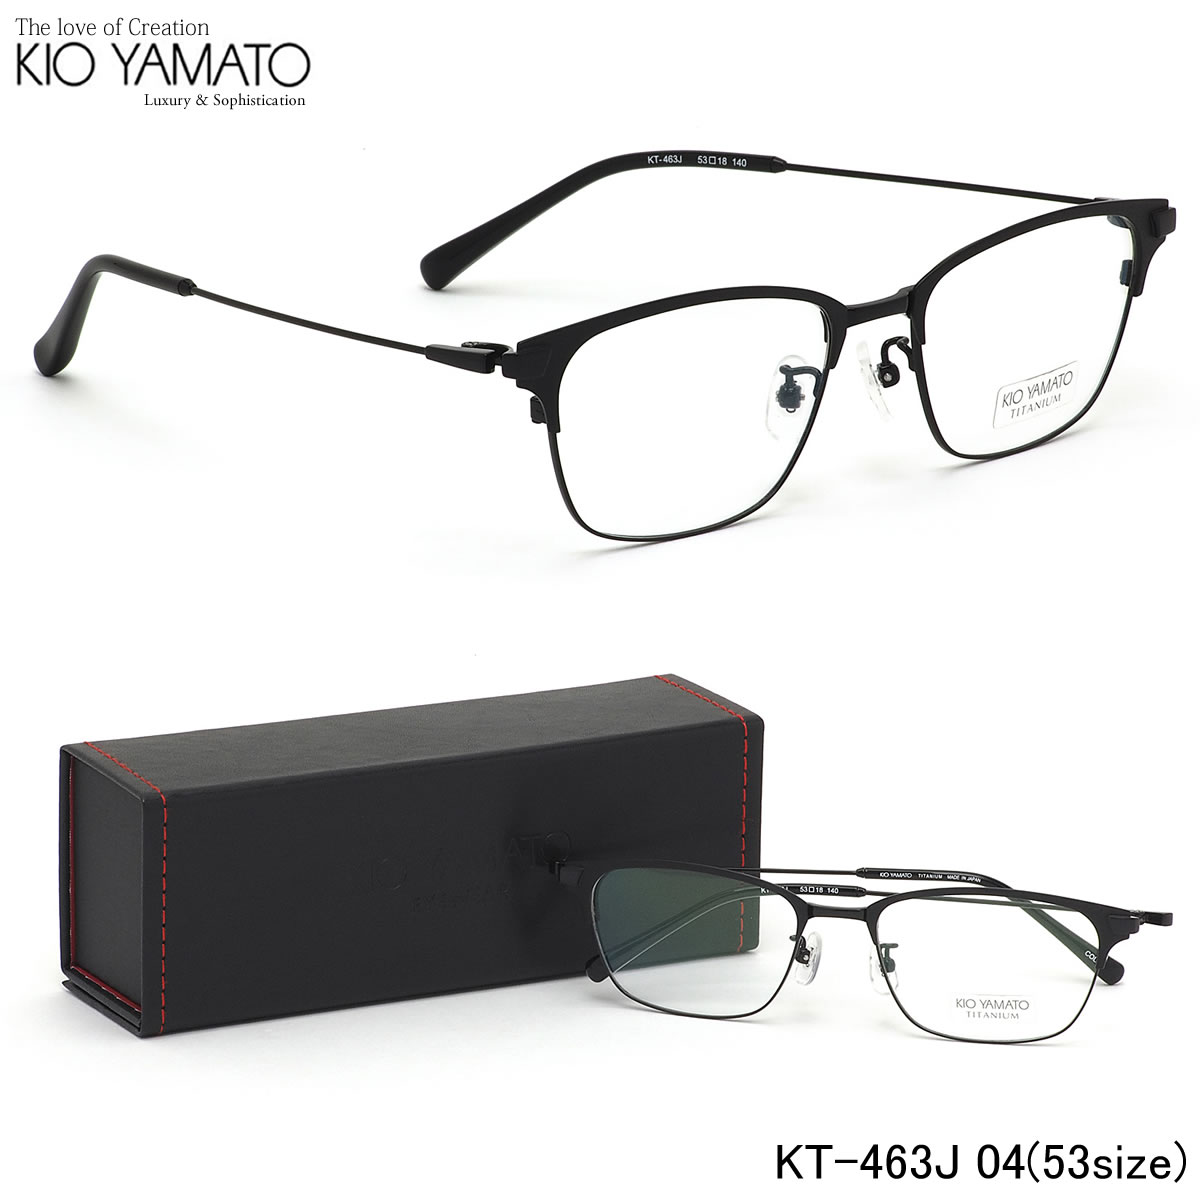 【10月30日からエントリーで全品ポイント20倍】キオヤマト KIO YAMATO メガネKT-463J 04 53サイズ日本製 Classic Collection キオヤマト KIOYAMATO メンズ レディース